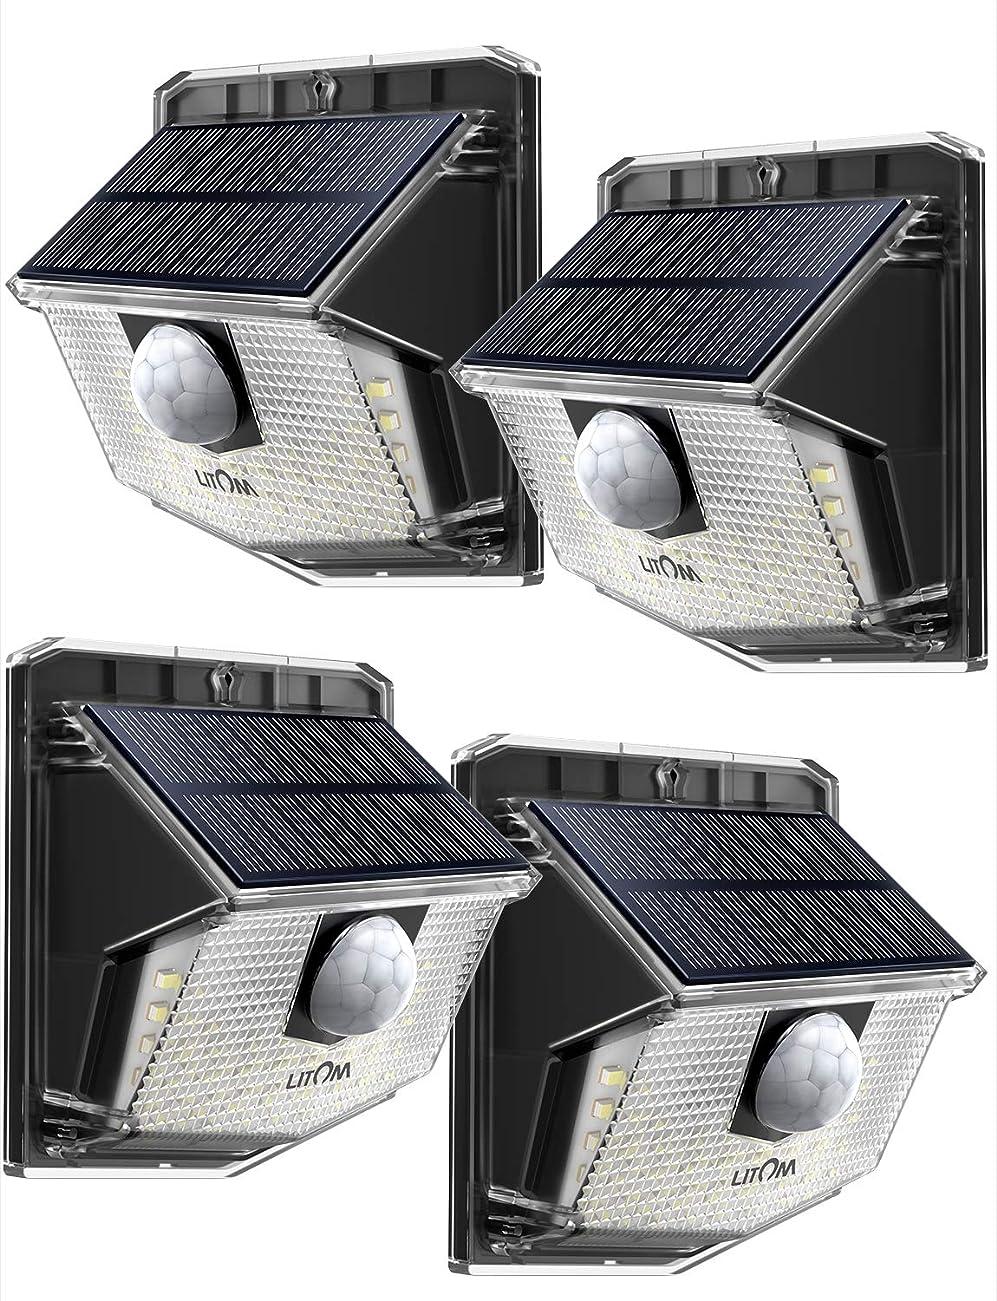 保証金パキスタン人外交官Litom ソーラーライト 人感ライト 30led IP65 防水 屋外照明用センサーライト シングルモード センサー時間30s 夜間自動点灯 玄関 庭 駐車場 18ヶ月間保証 停電防災緊急対策 4個